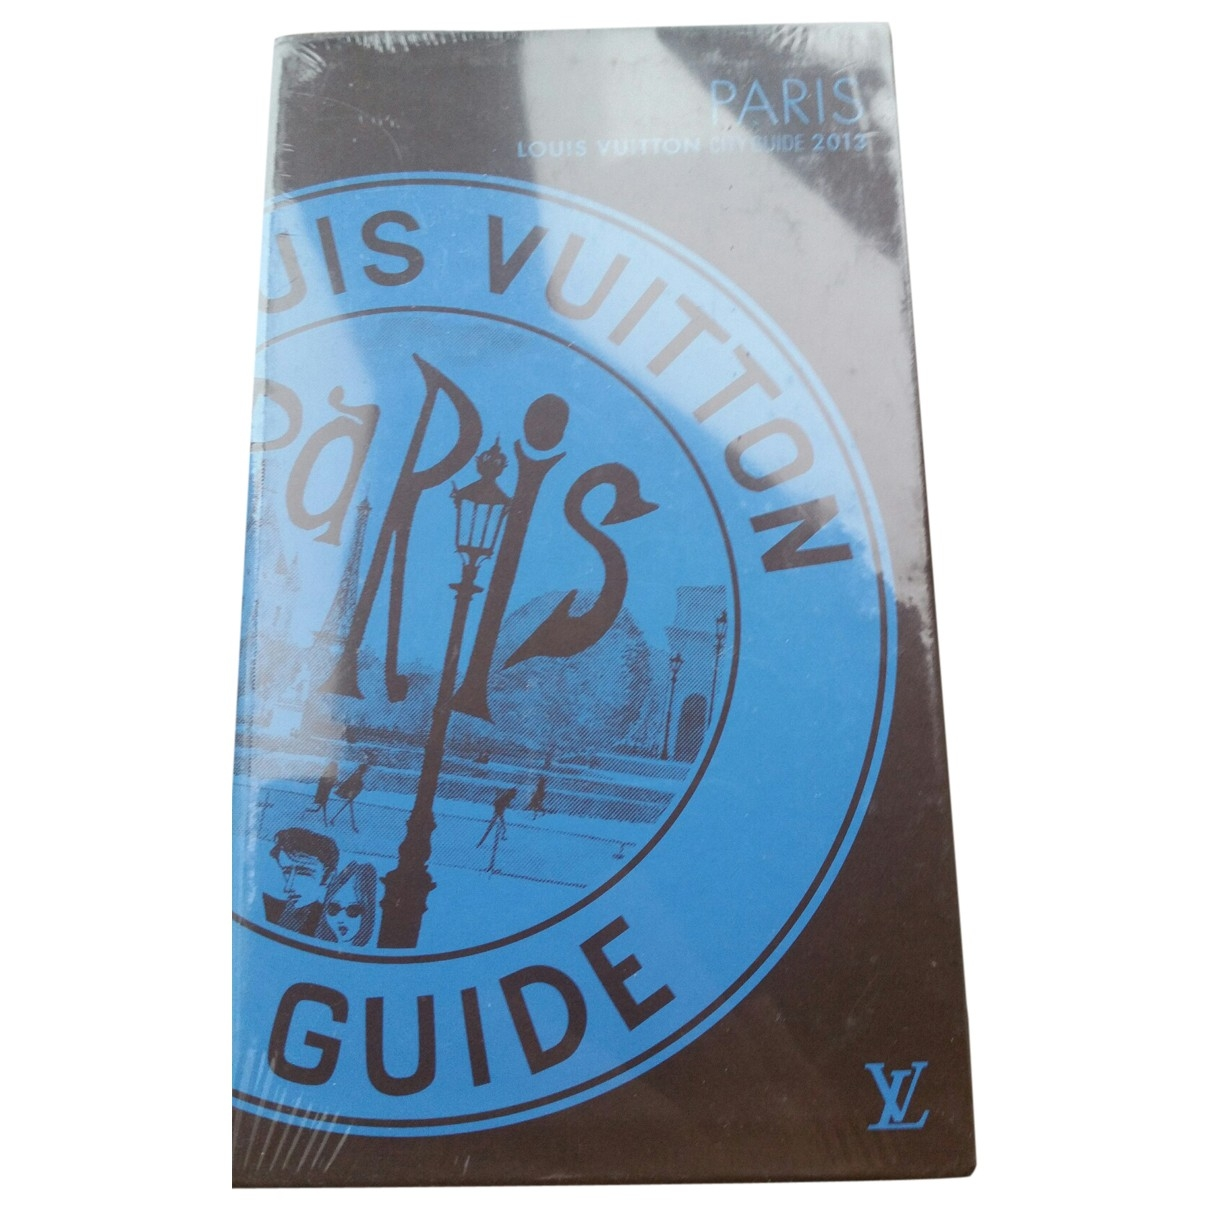 Viajes City Guide Louis Vuitton